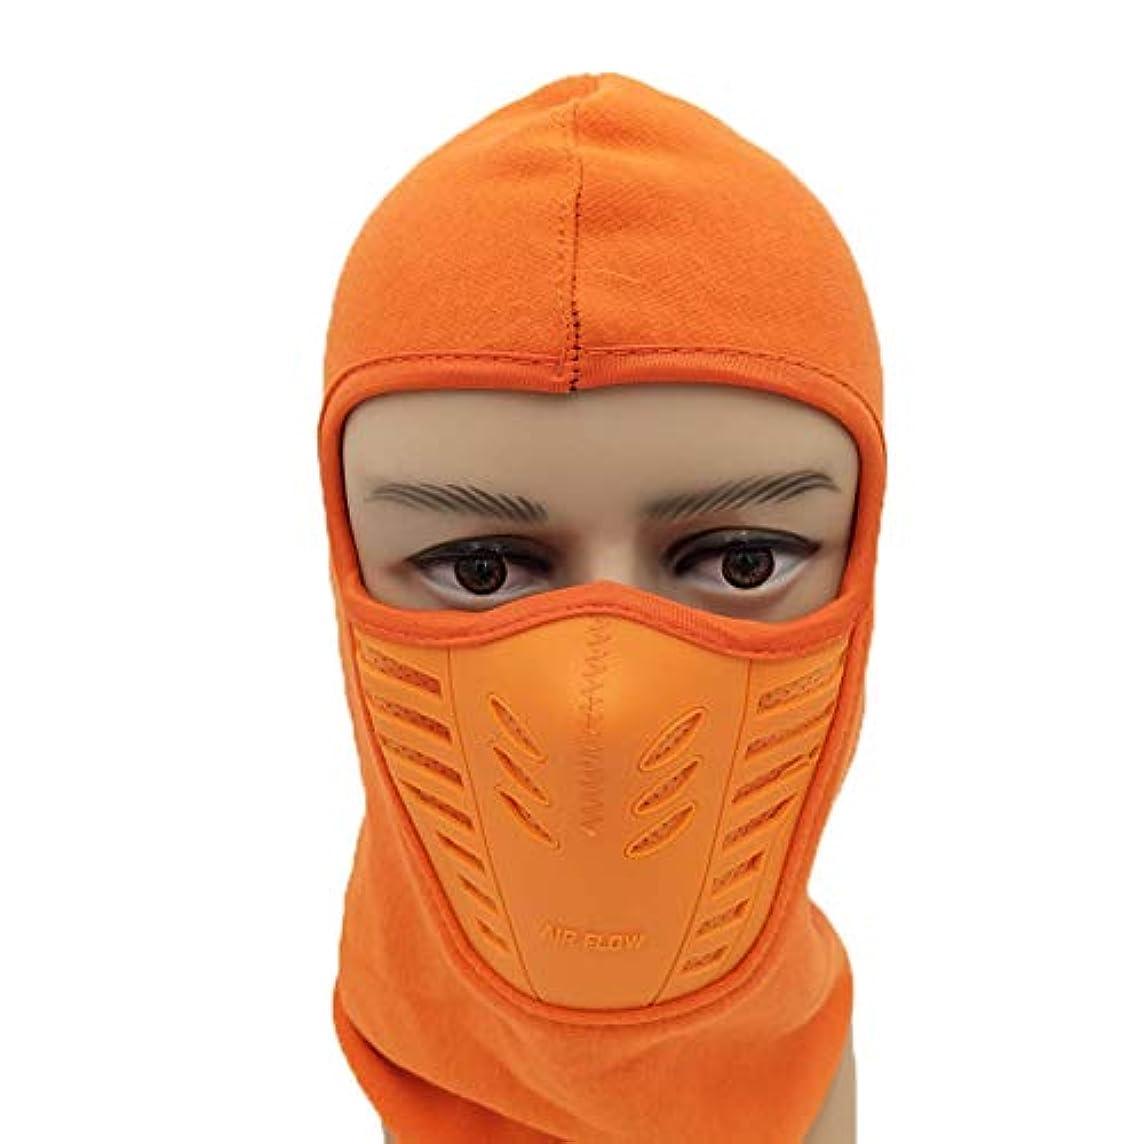 効果的まろやかな変なXlpウィンターフリースネックウォーマー、フェイスマスクカバー、厚手ロングネックガーターチューブ、ビーニーネックウォーマーフード、ウィンターアウトドアスポーツマスク防風フード帽子